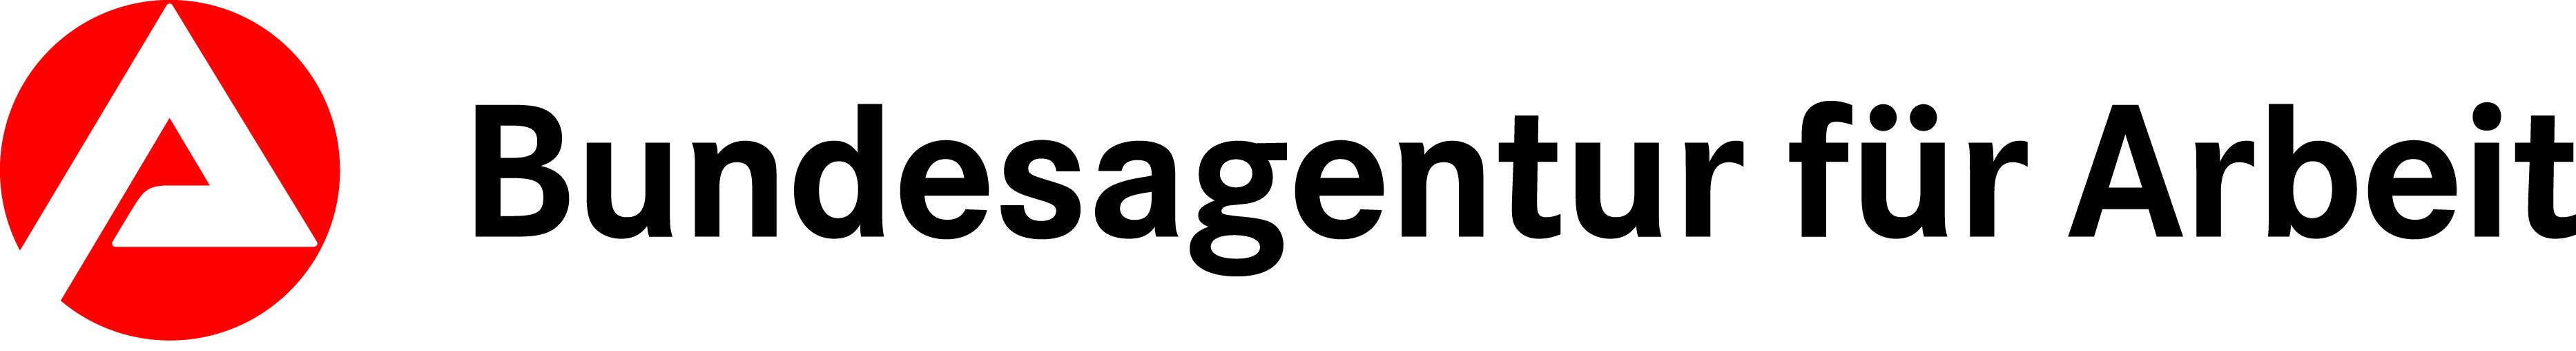 Logo der deutschen Bundesagentur für Arbeit